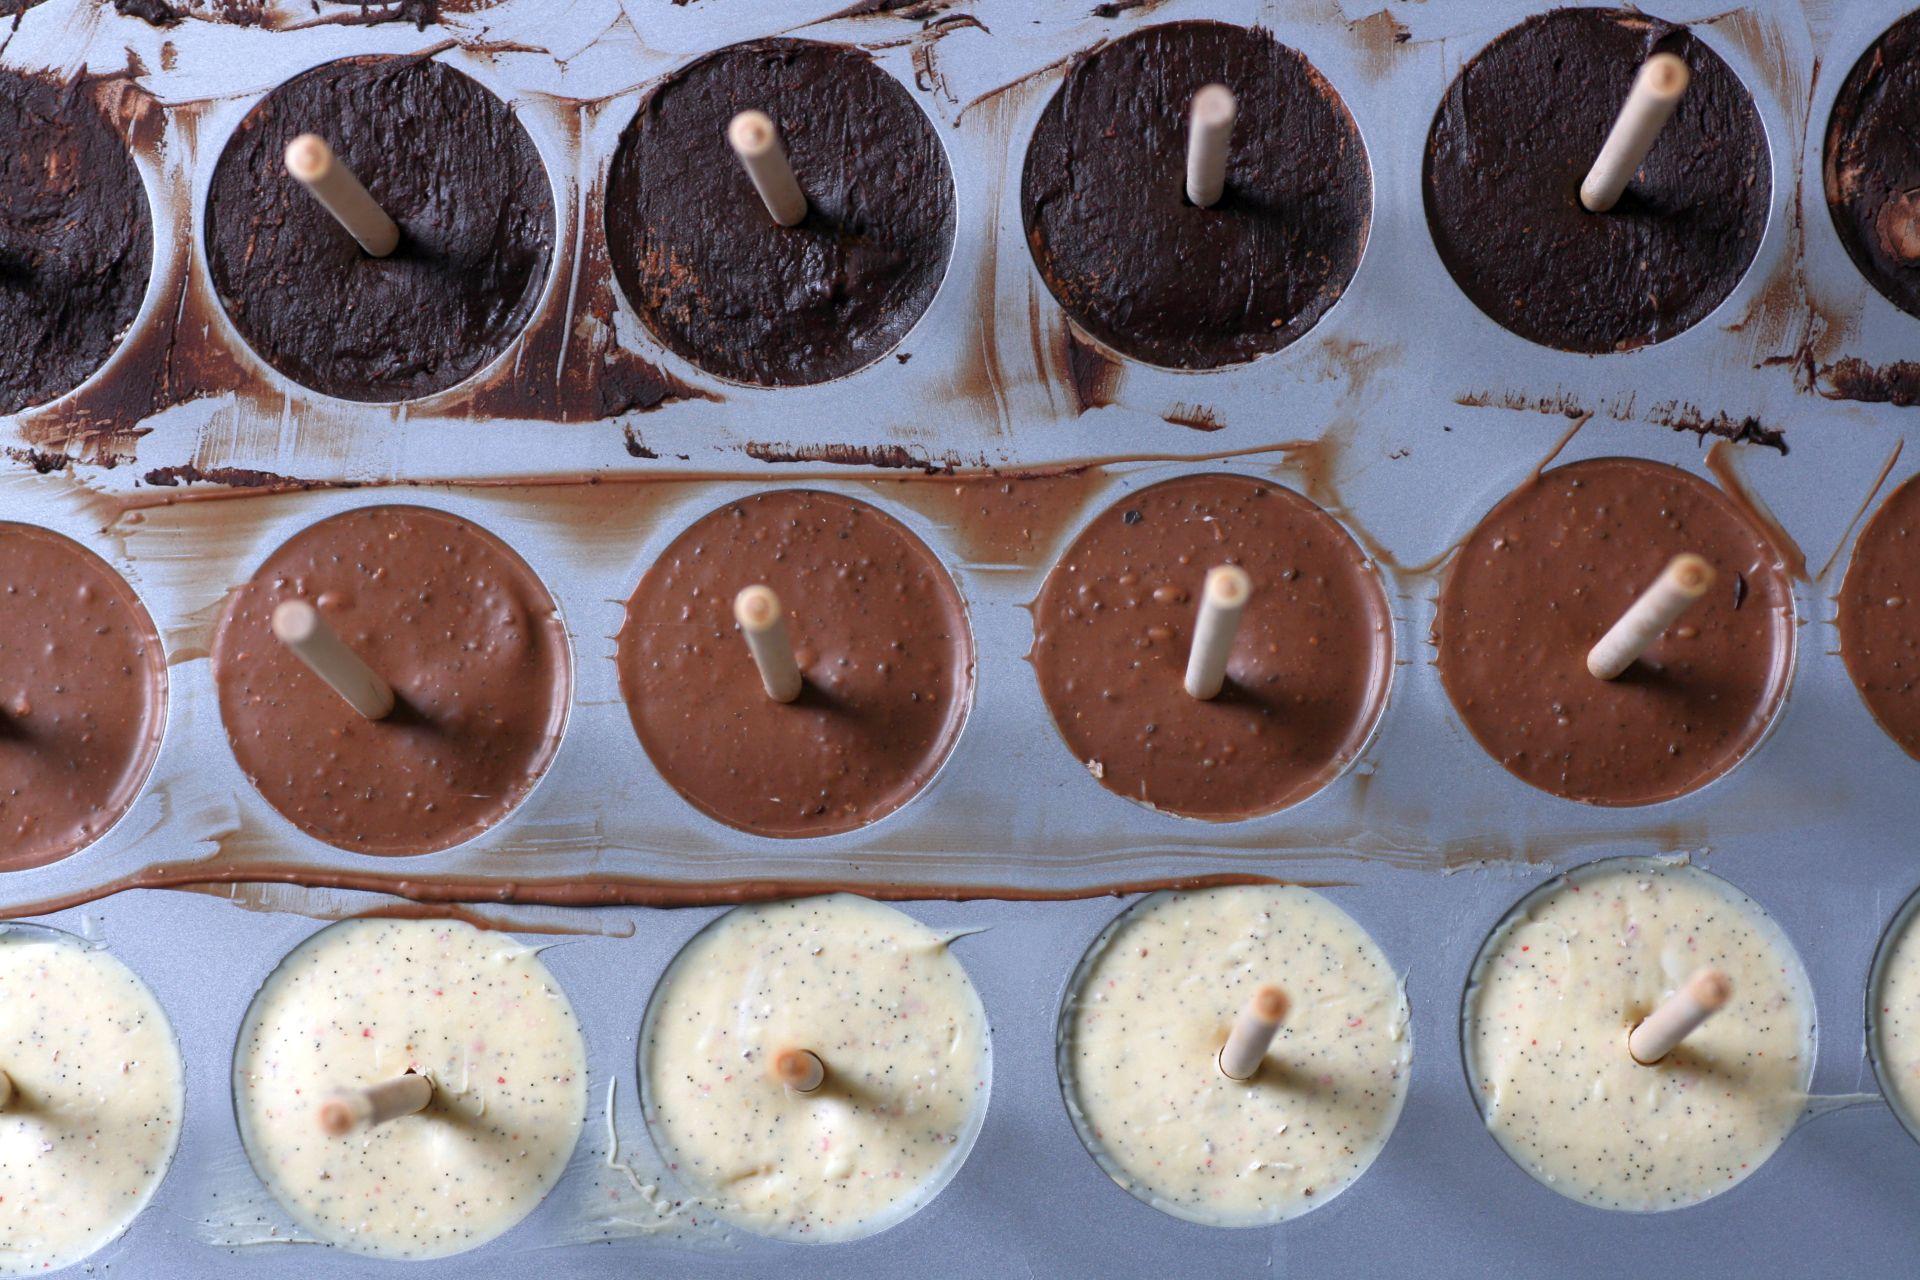 heiße Schokolade, Orange, Ingwer, Zartbitter Schokolade, weiße Schokolade, Kardamom, Sahne, Kaffee, Trinkschoki, Schokolollis